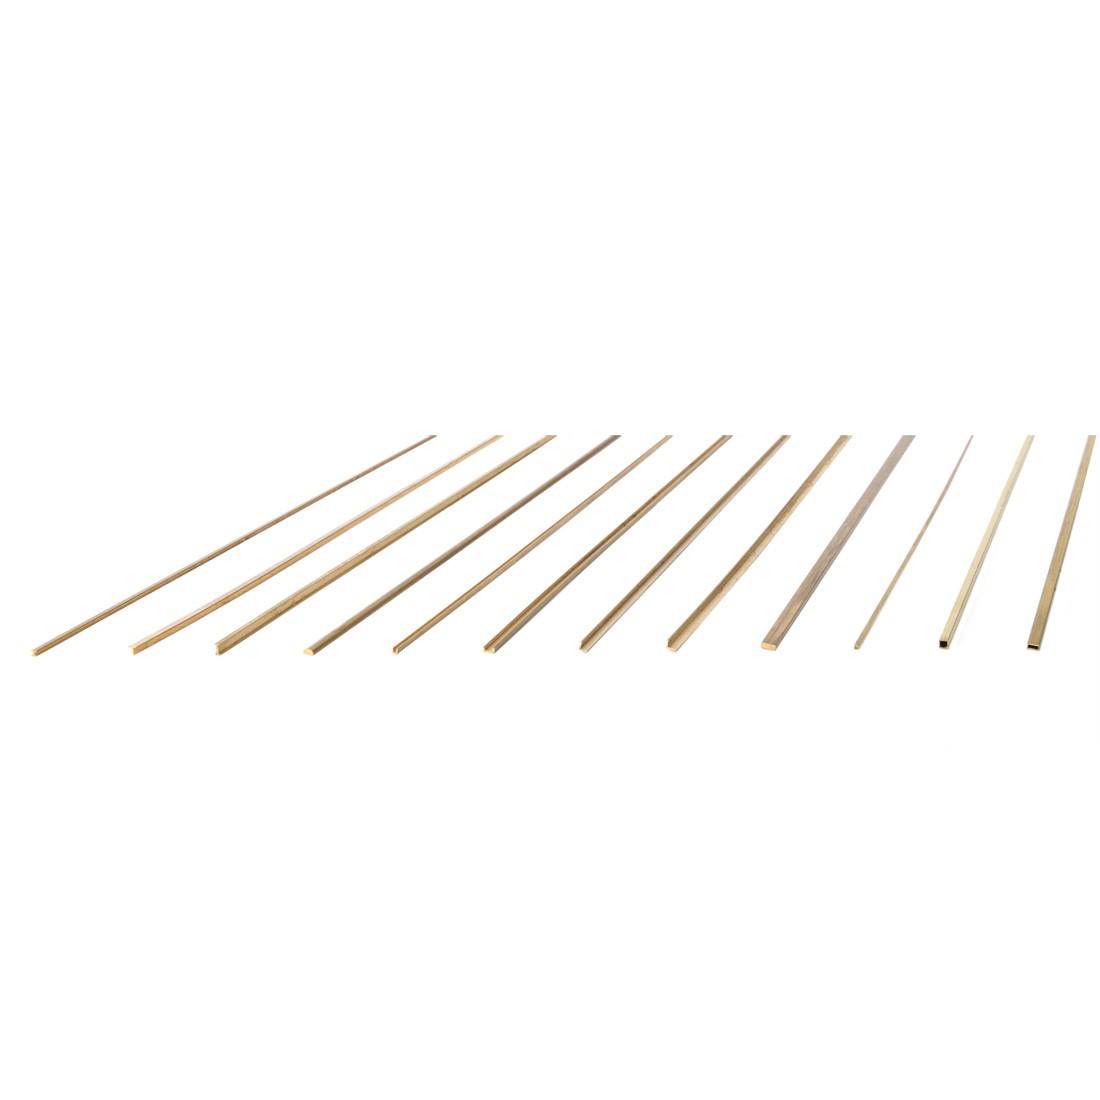 Micro profils laiton 2x4x0,4